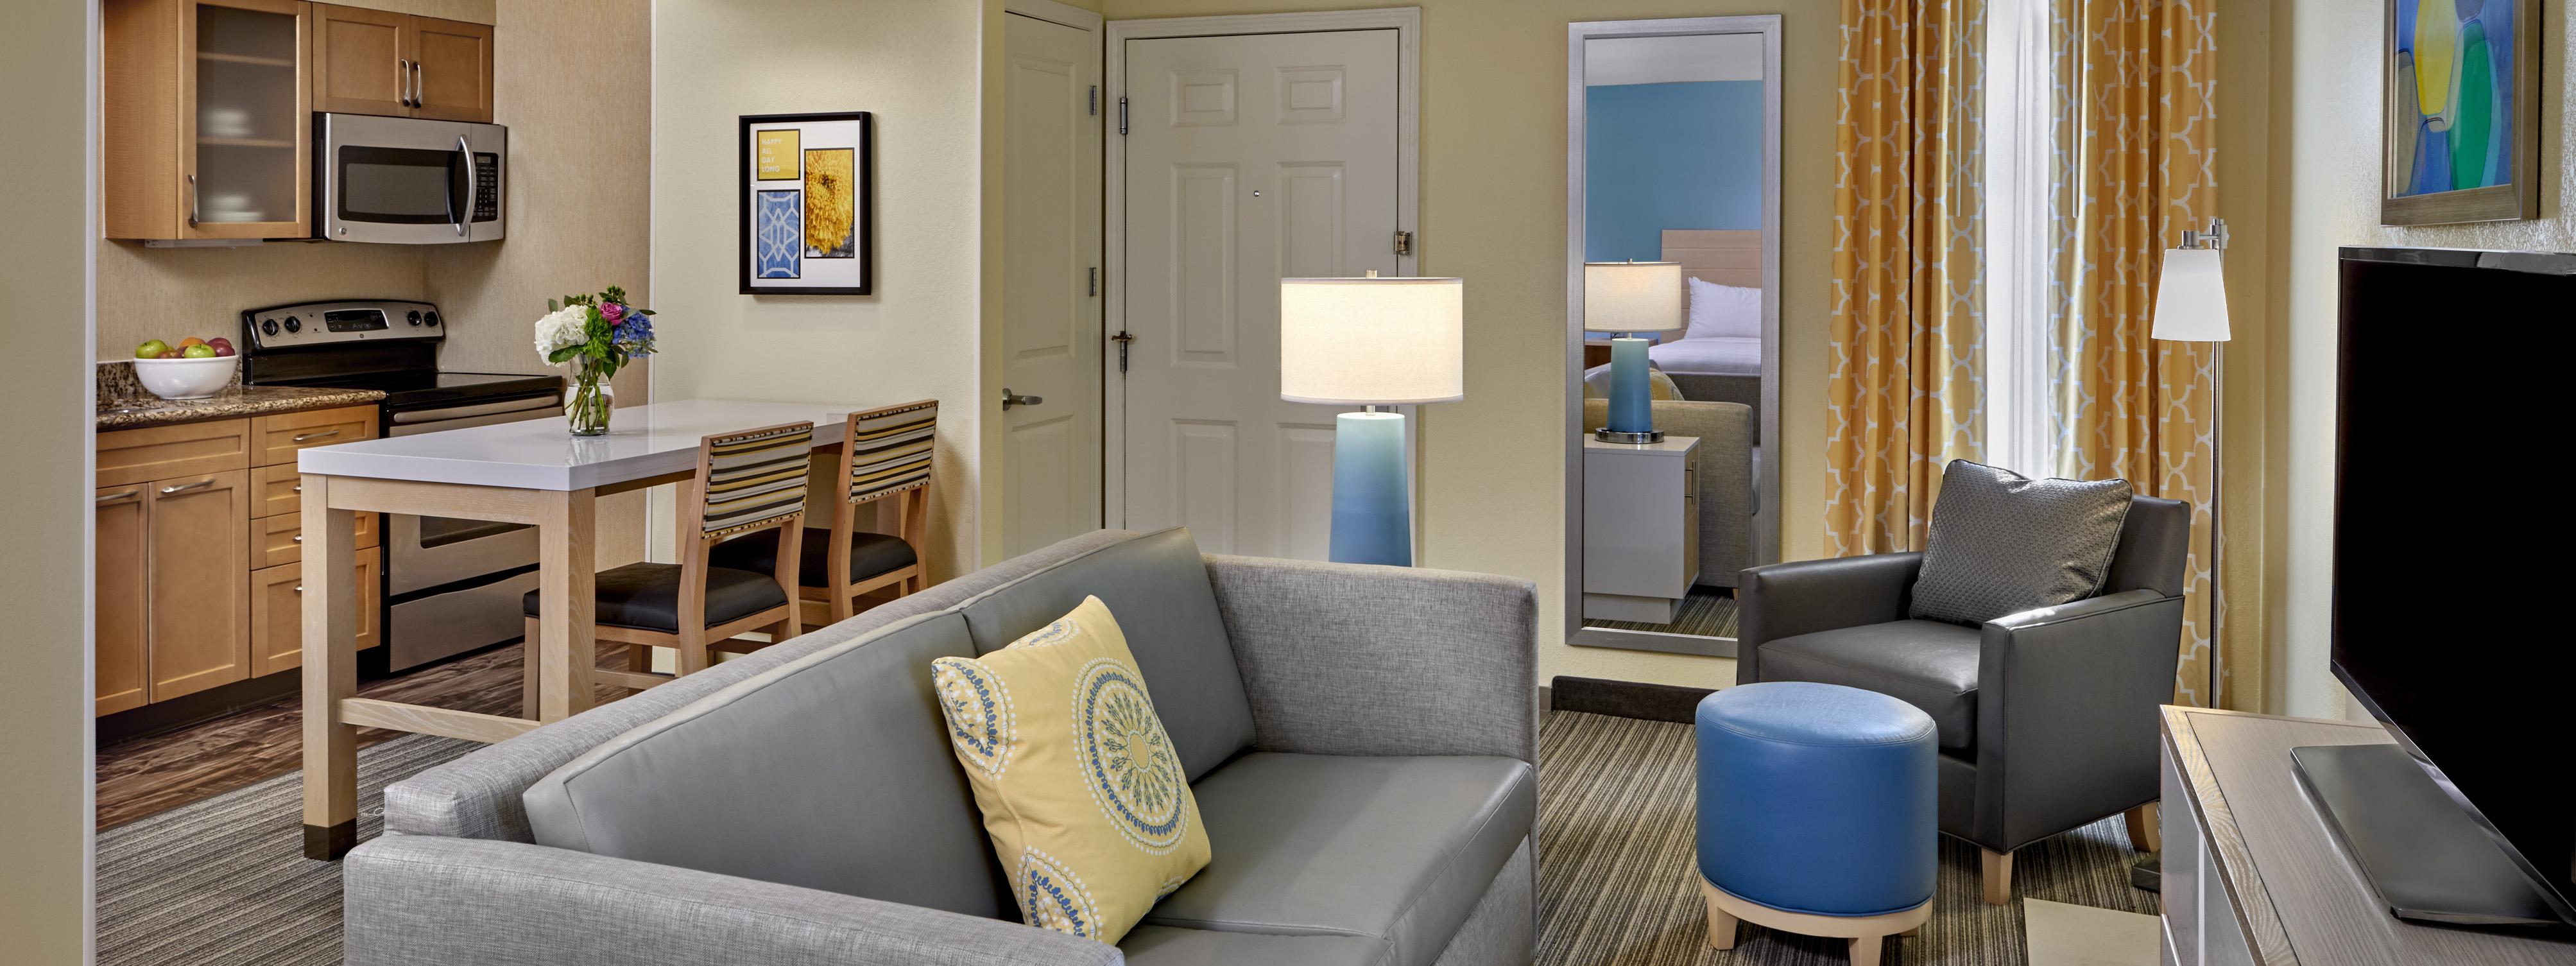 Sonesta Studio Suite living area.